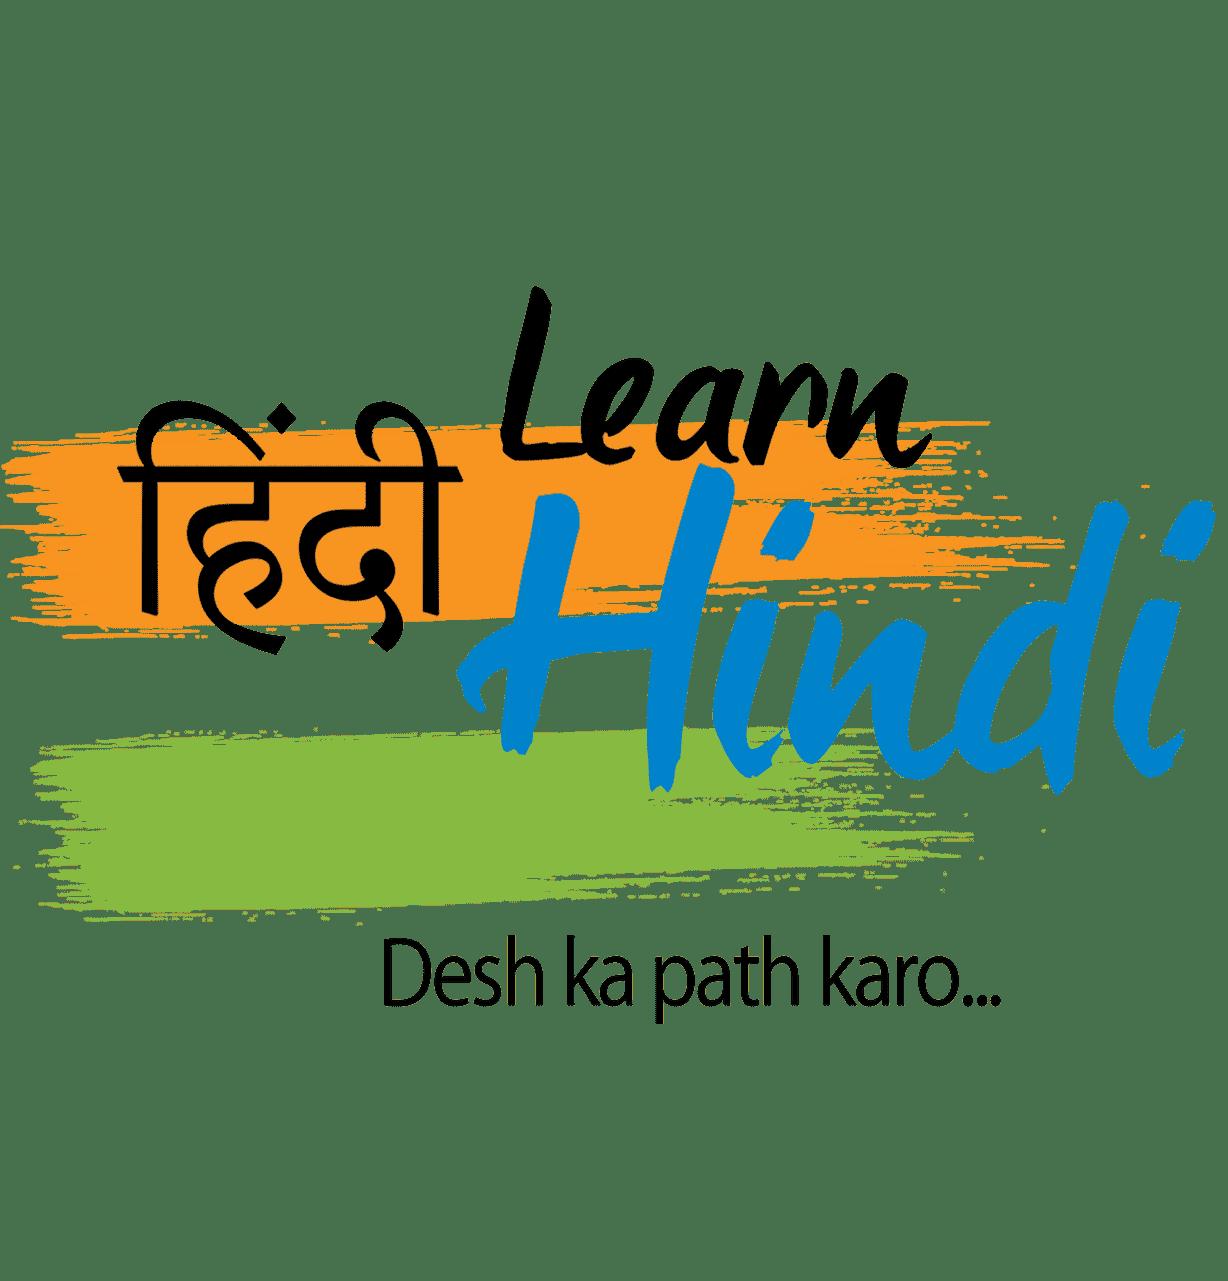 th vellore centre. Knowledge clipart tuition center